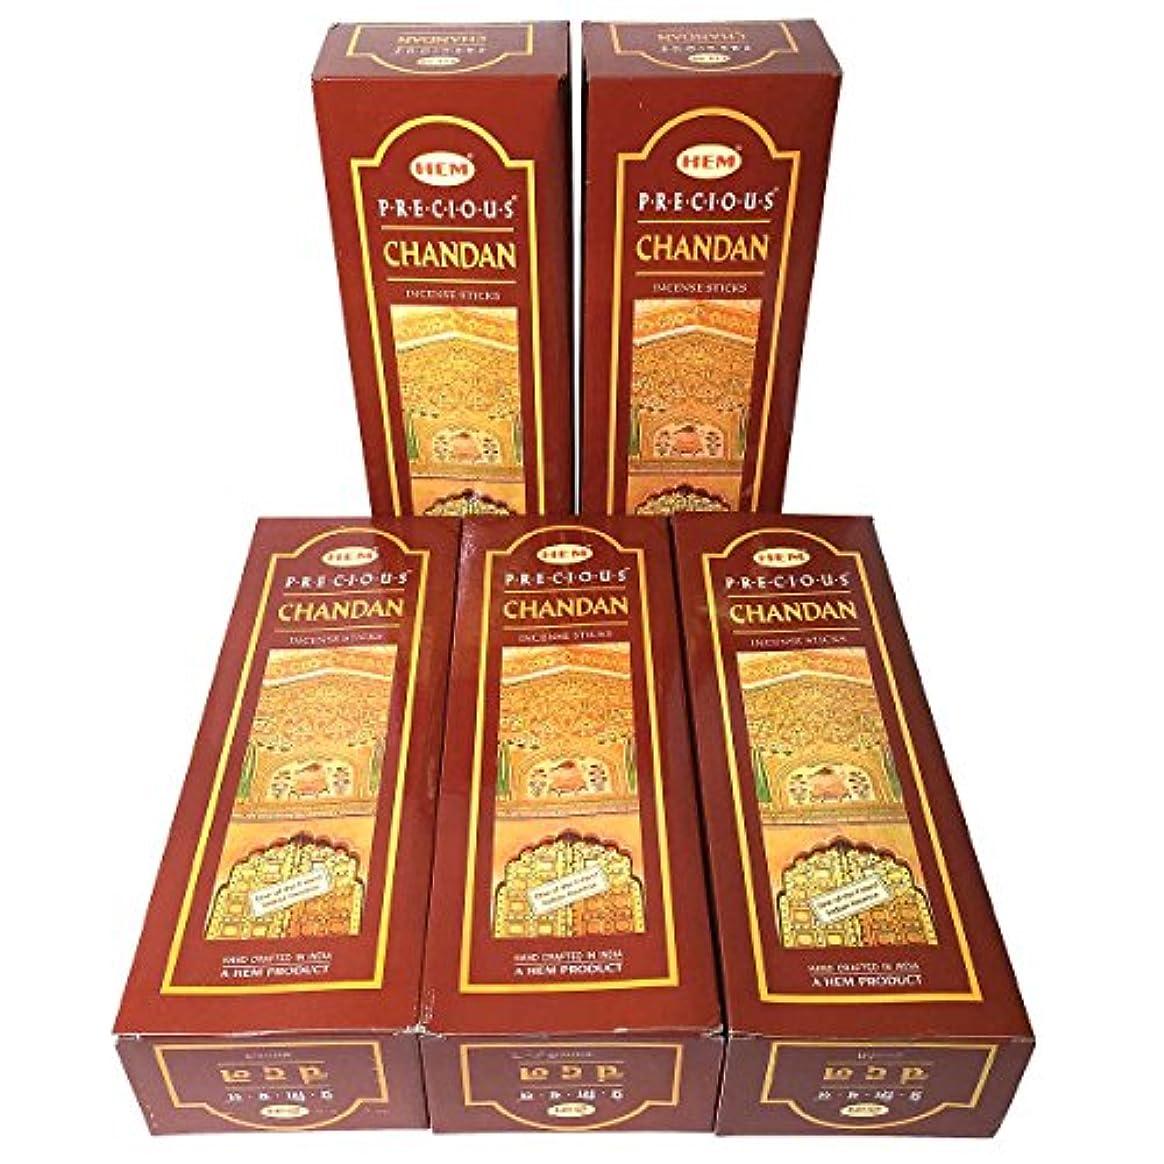 体系的に著者万一に備えてHEM チャンダン香 スティック5BOX(30箱) CHANDAN / インド香 送料無料 [並行輸入品]